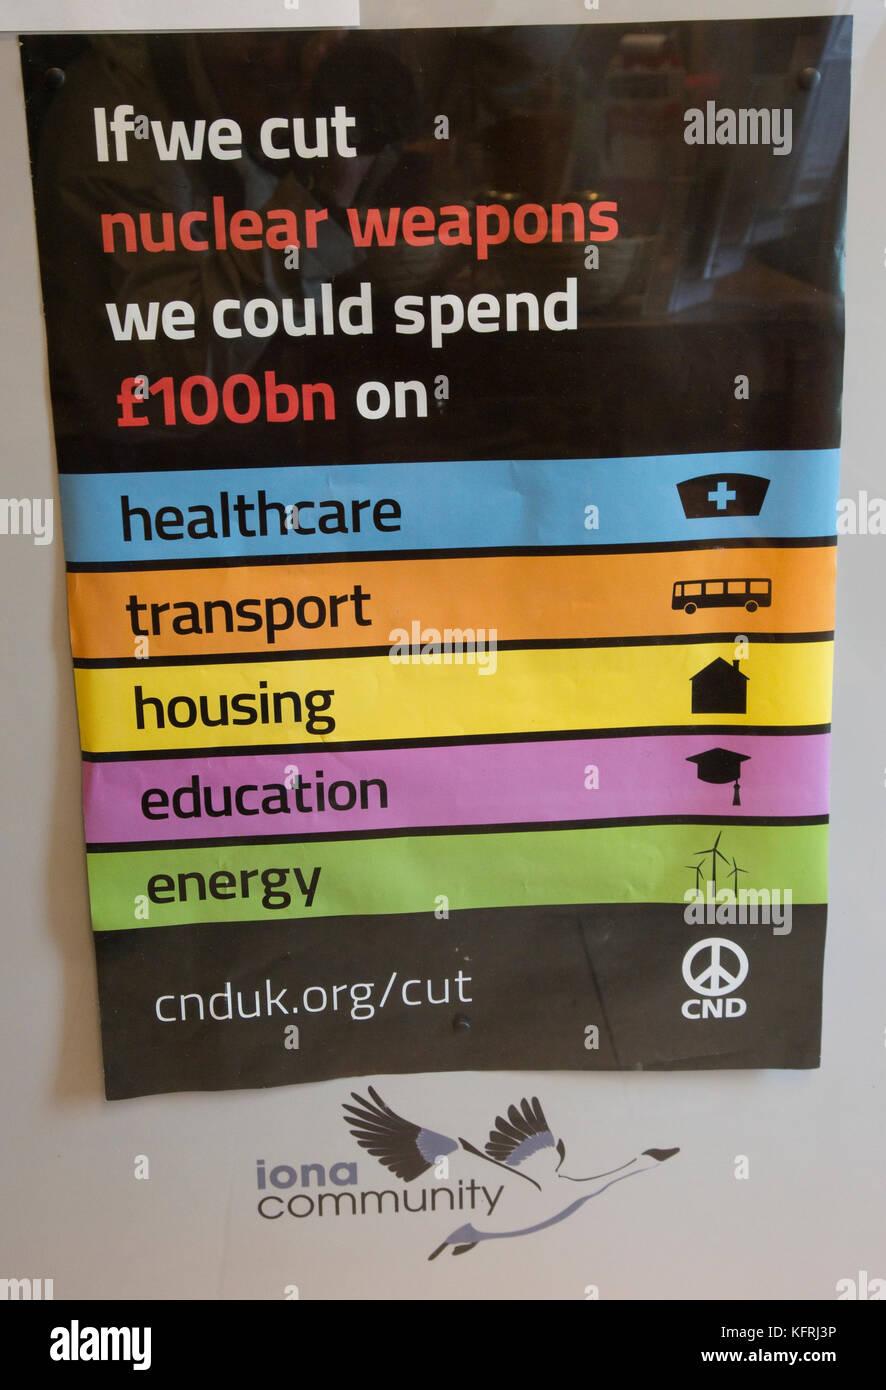 L'affiche de la communauté d'IONA cut armes nucléaires aident la société à l'écosse Photo Stock